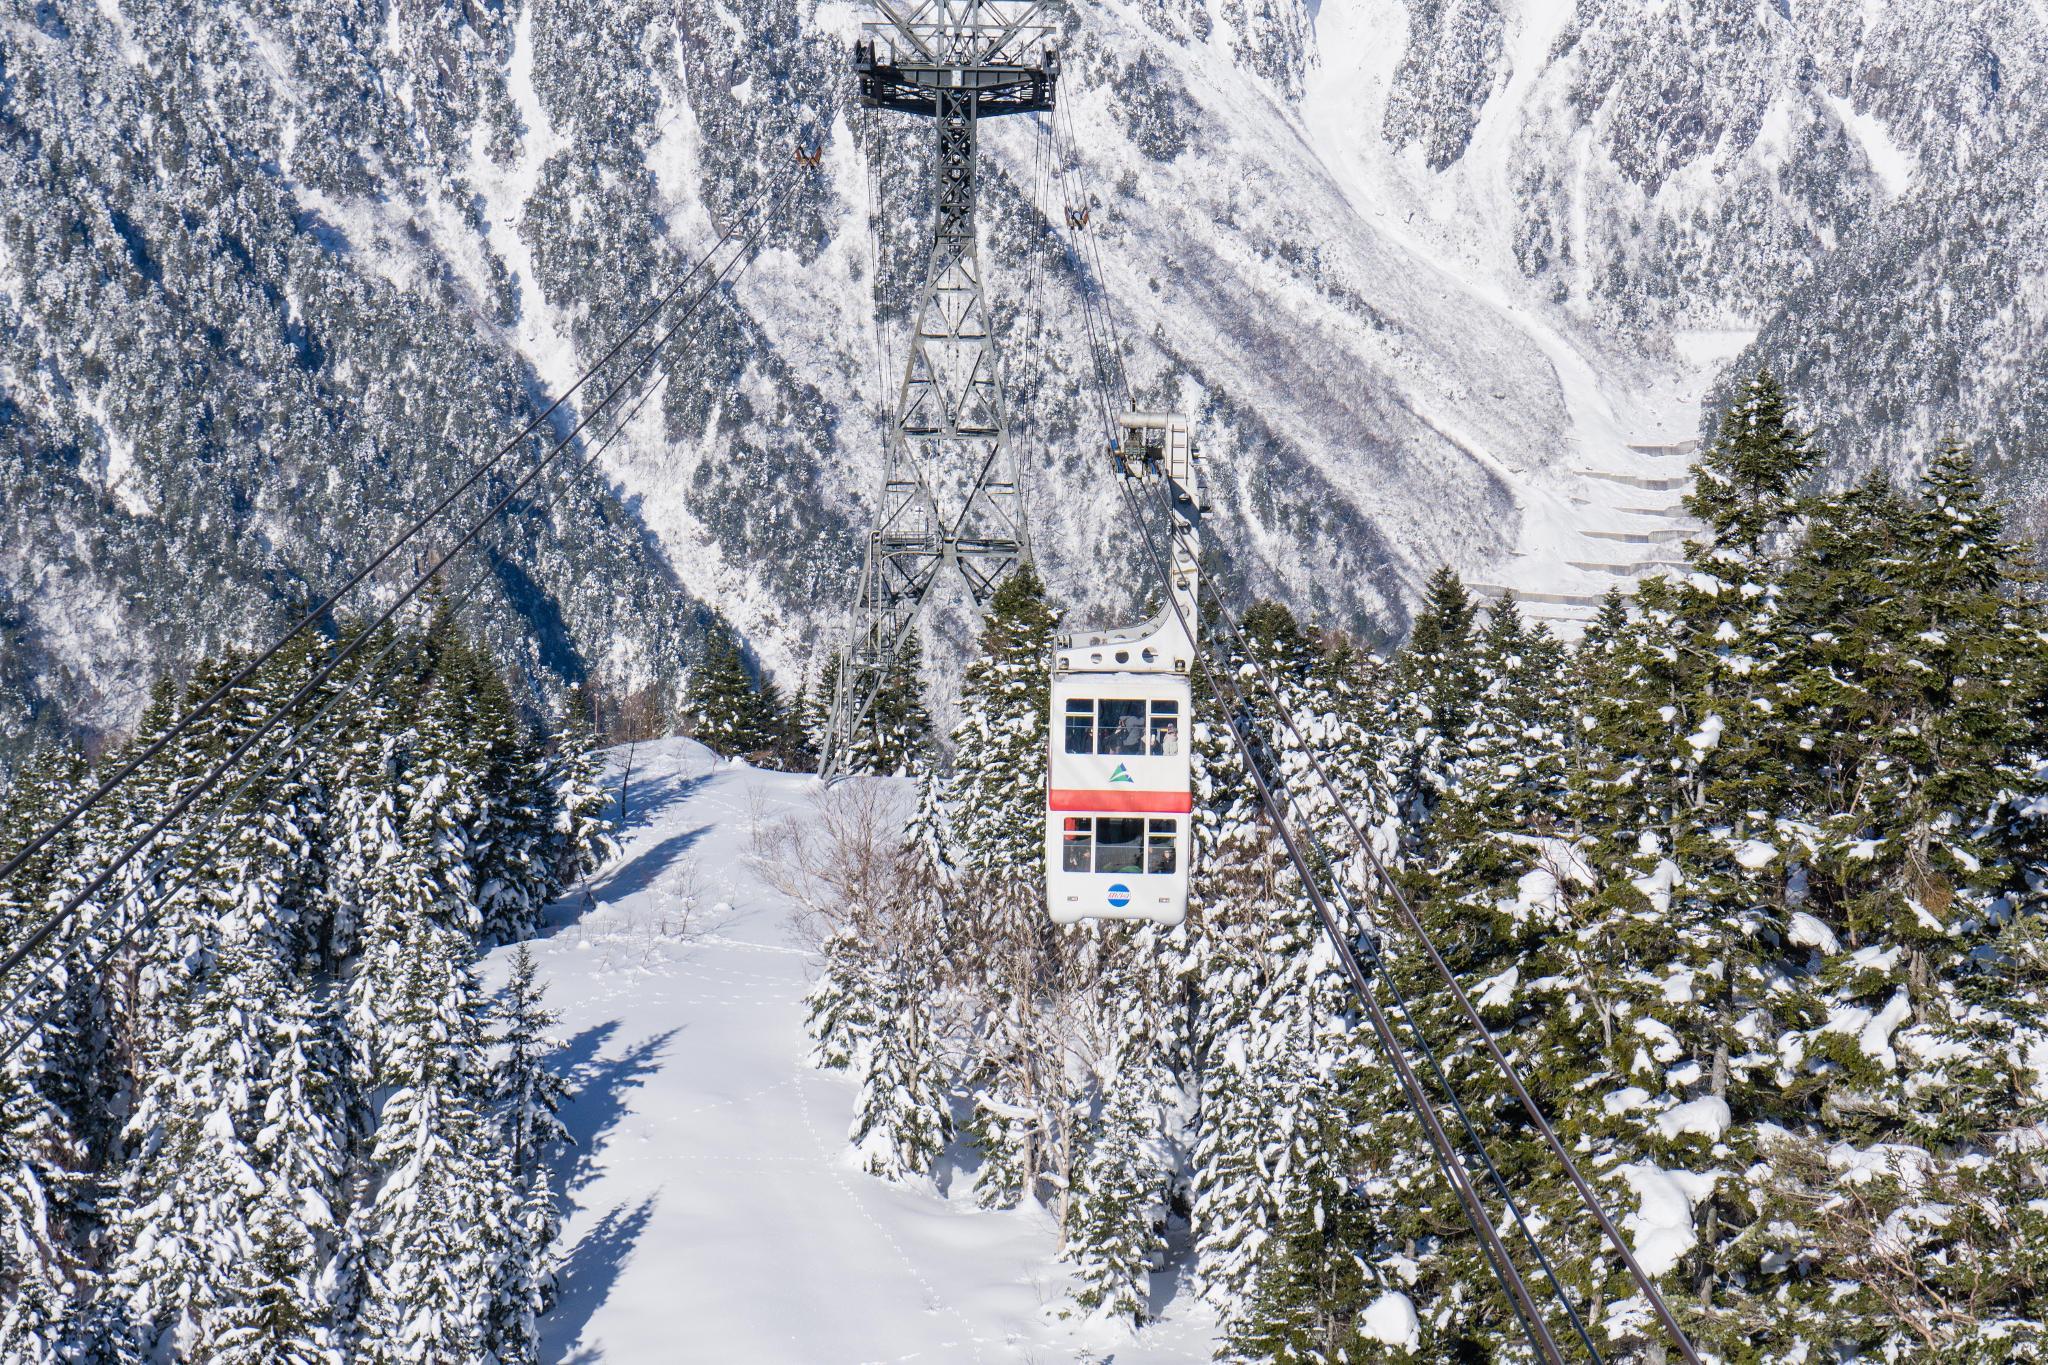 【岐阜】超級推薦!奧飛驒溫泉鄉的冬季戀歌 ~ 新穗高纜車雪景攻略 97